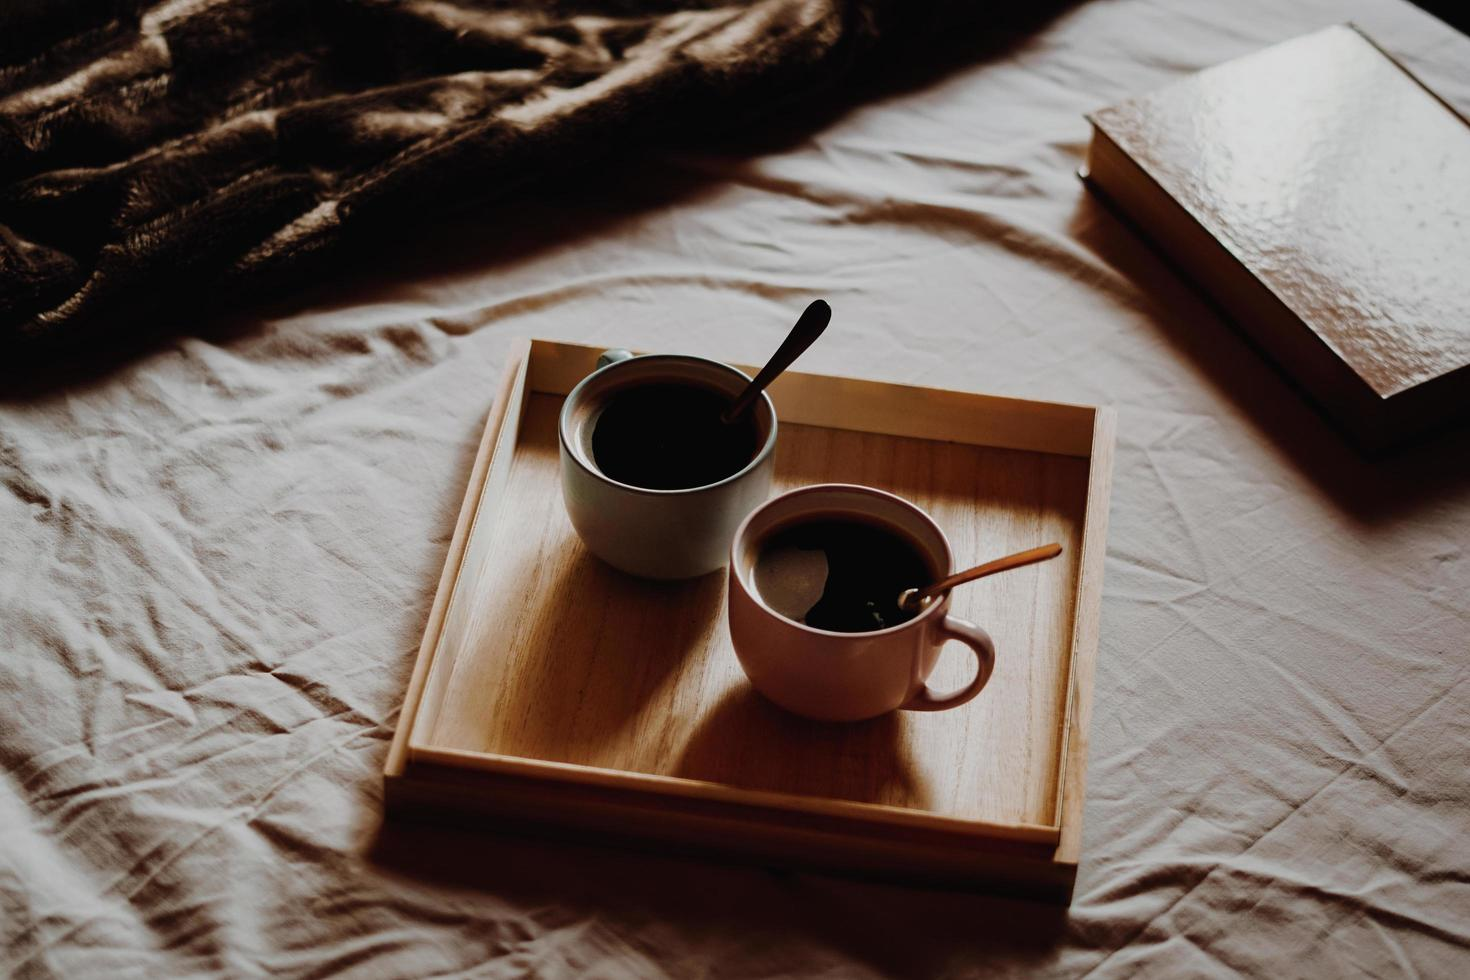 tazze di caffè sul vassoio di legno sul letto foto